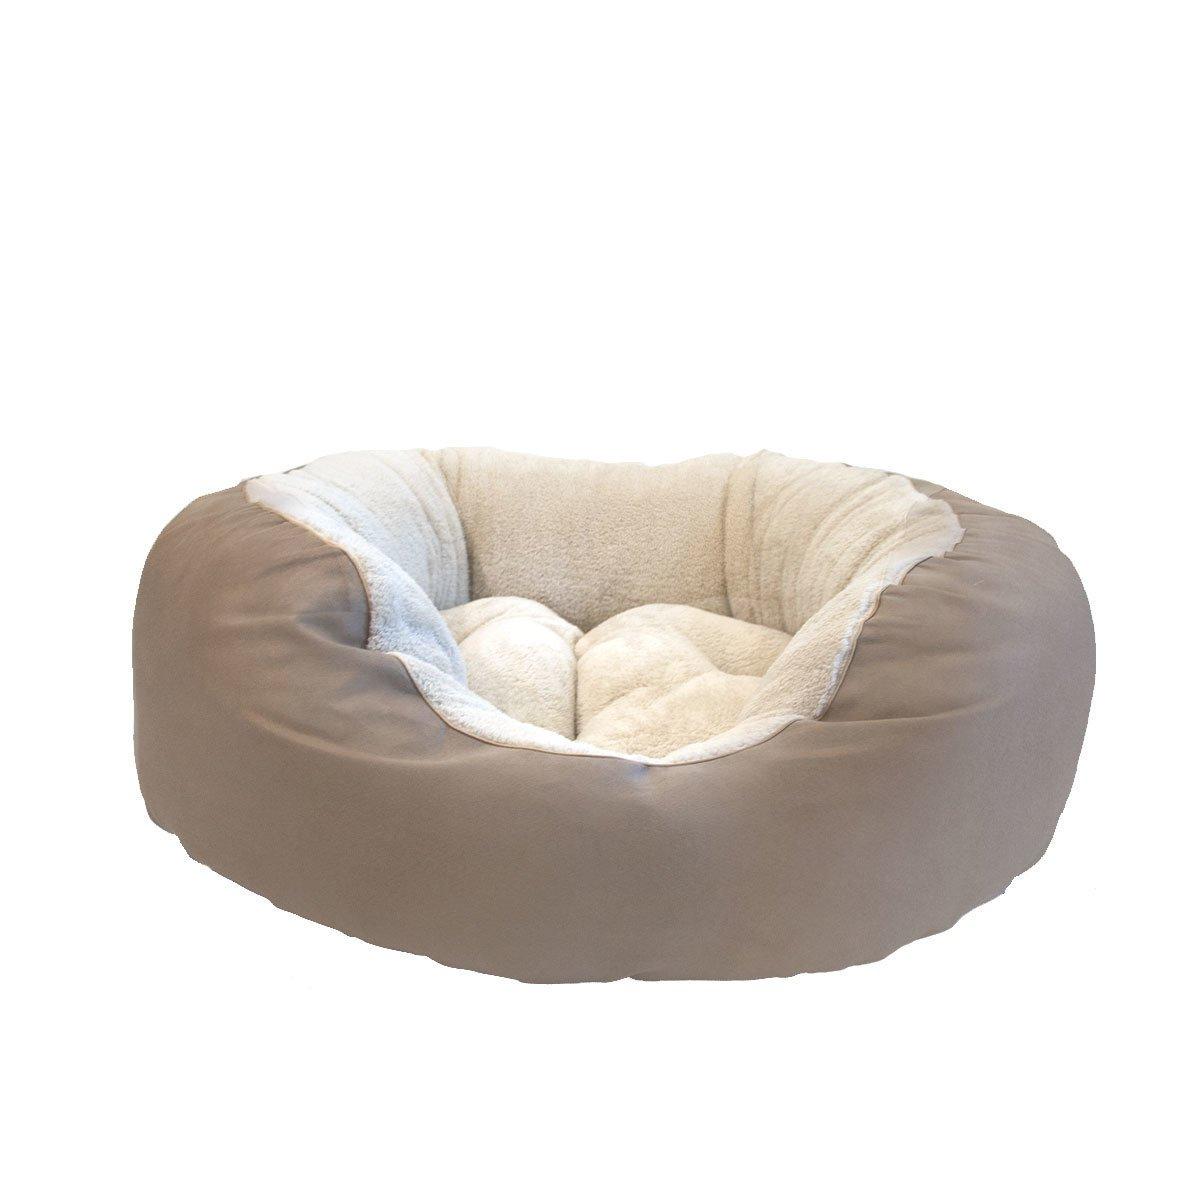 Komfortbett mit hohem Rand Bild 9